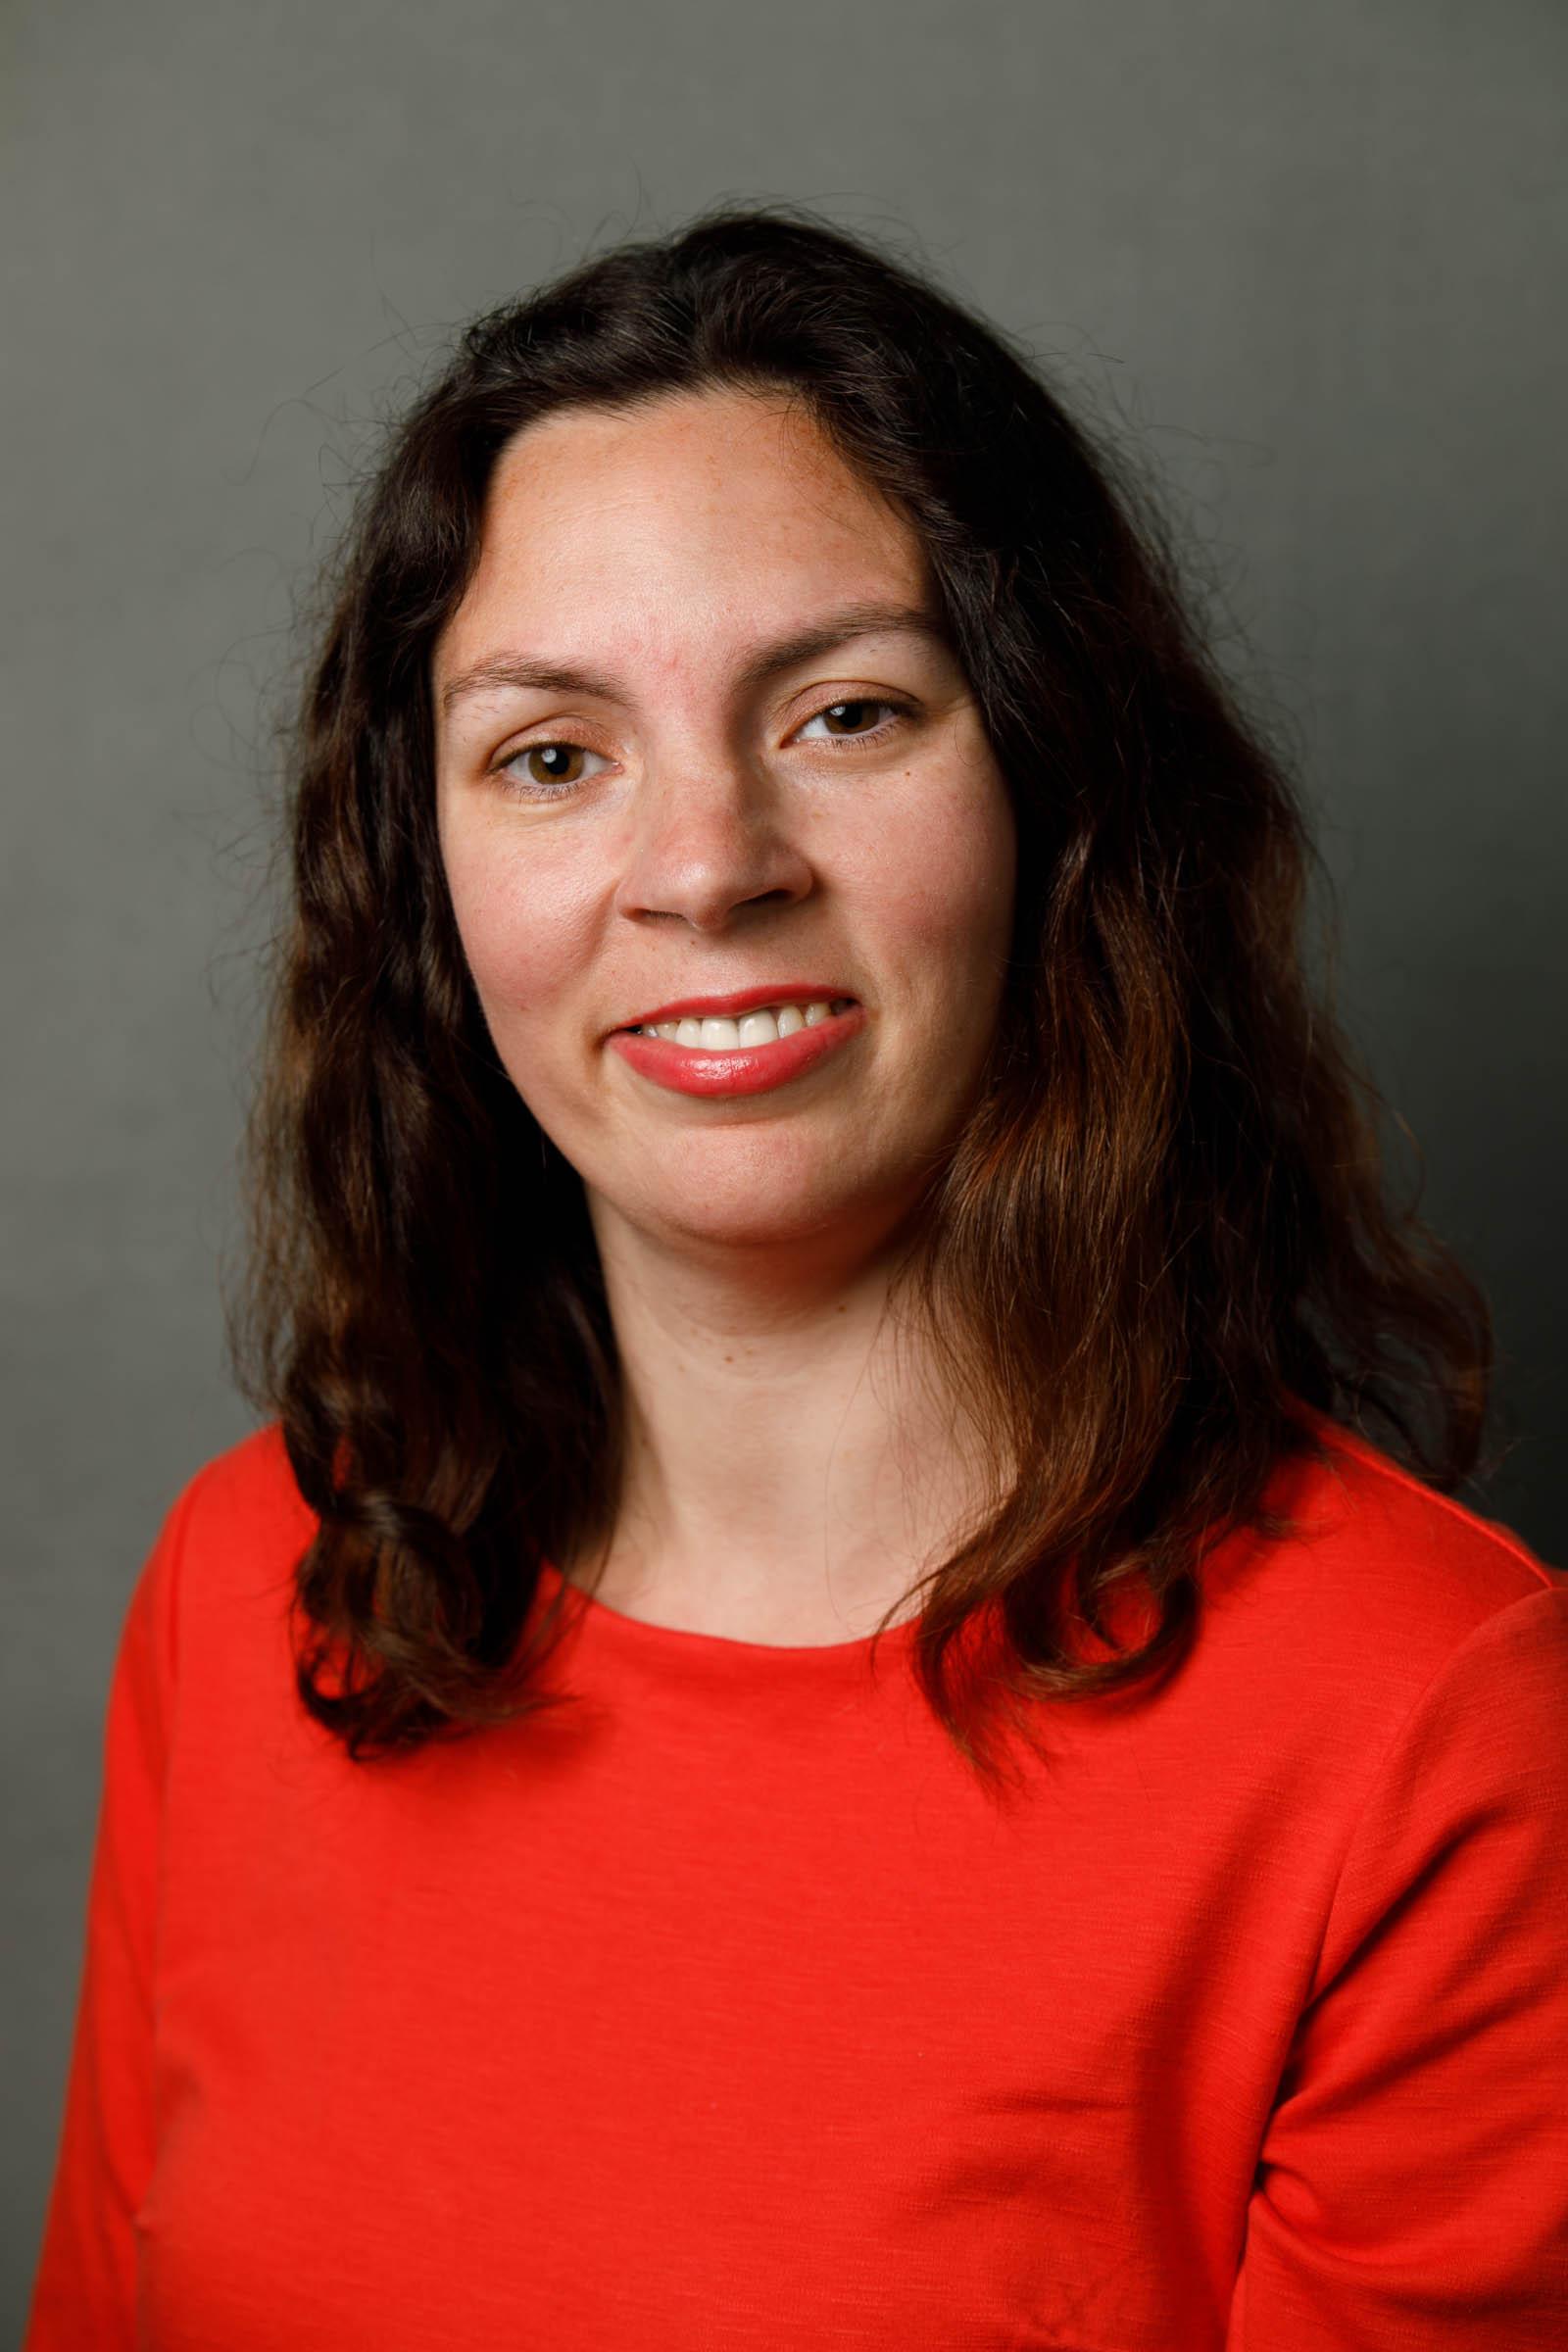 Alexis Dallara-Marsh